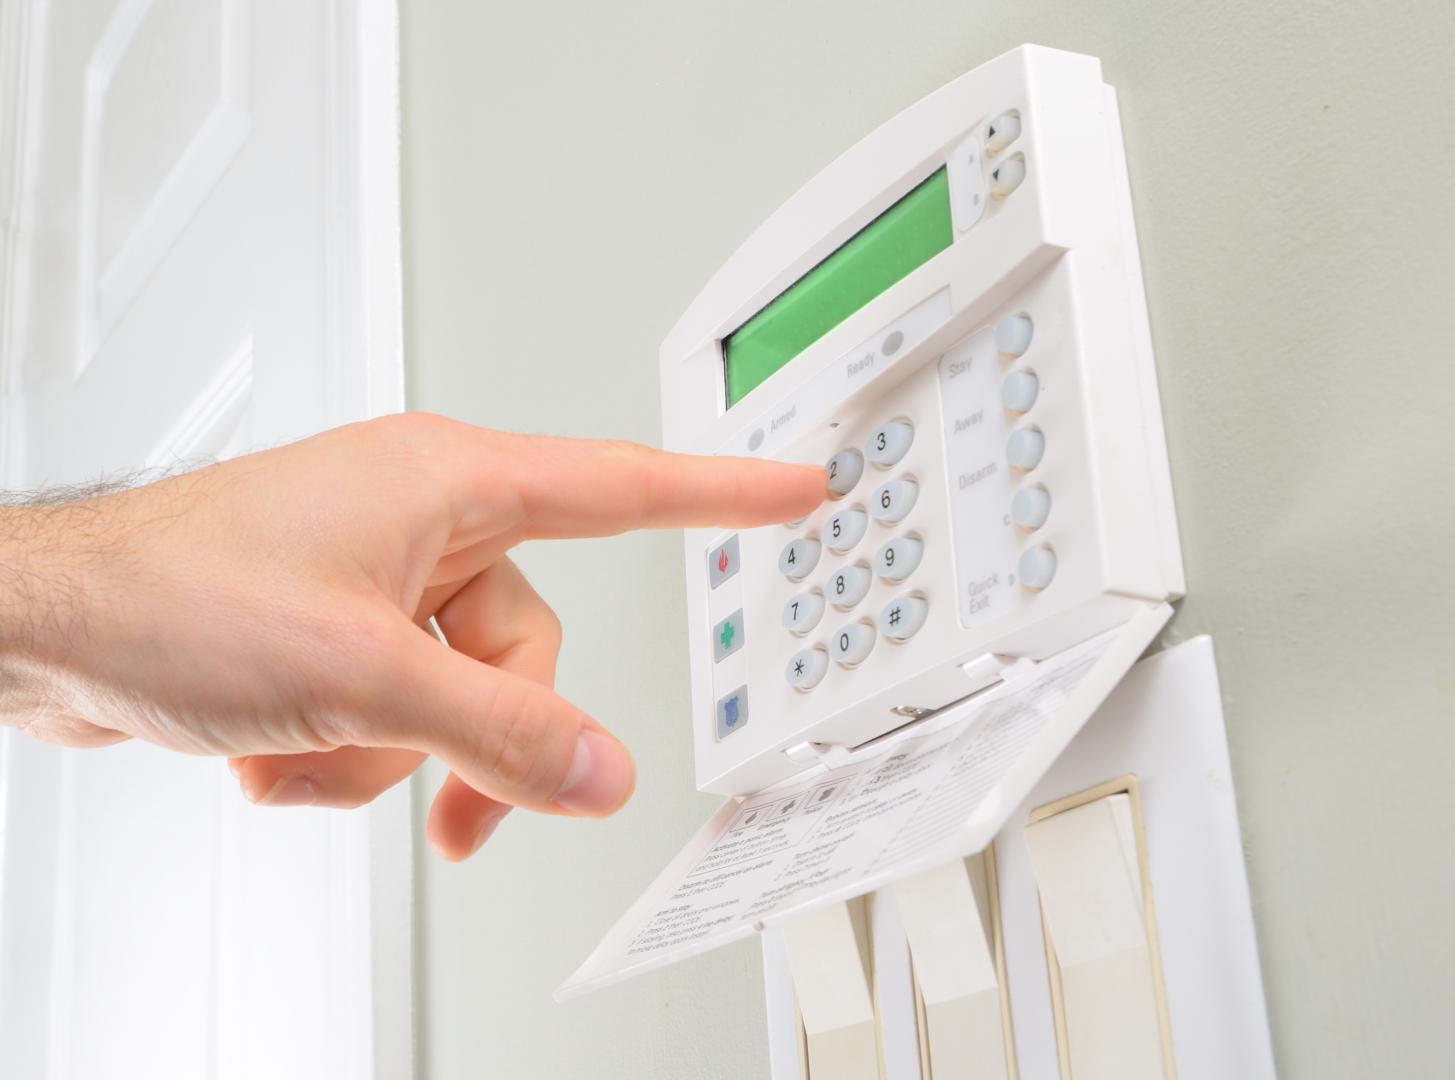 d99438c259684 Simplicité de programmation des systèmes d alarme de notre comparatif.  Quelle alarme sans fil choisir pour sa maison